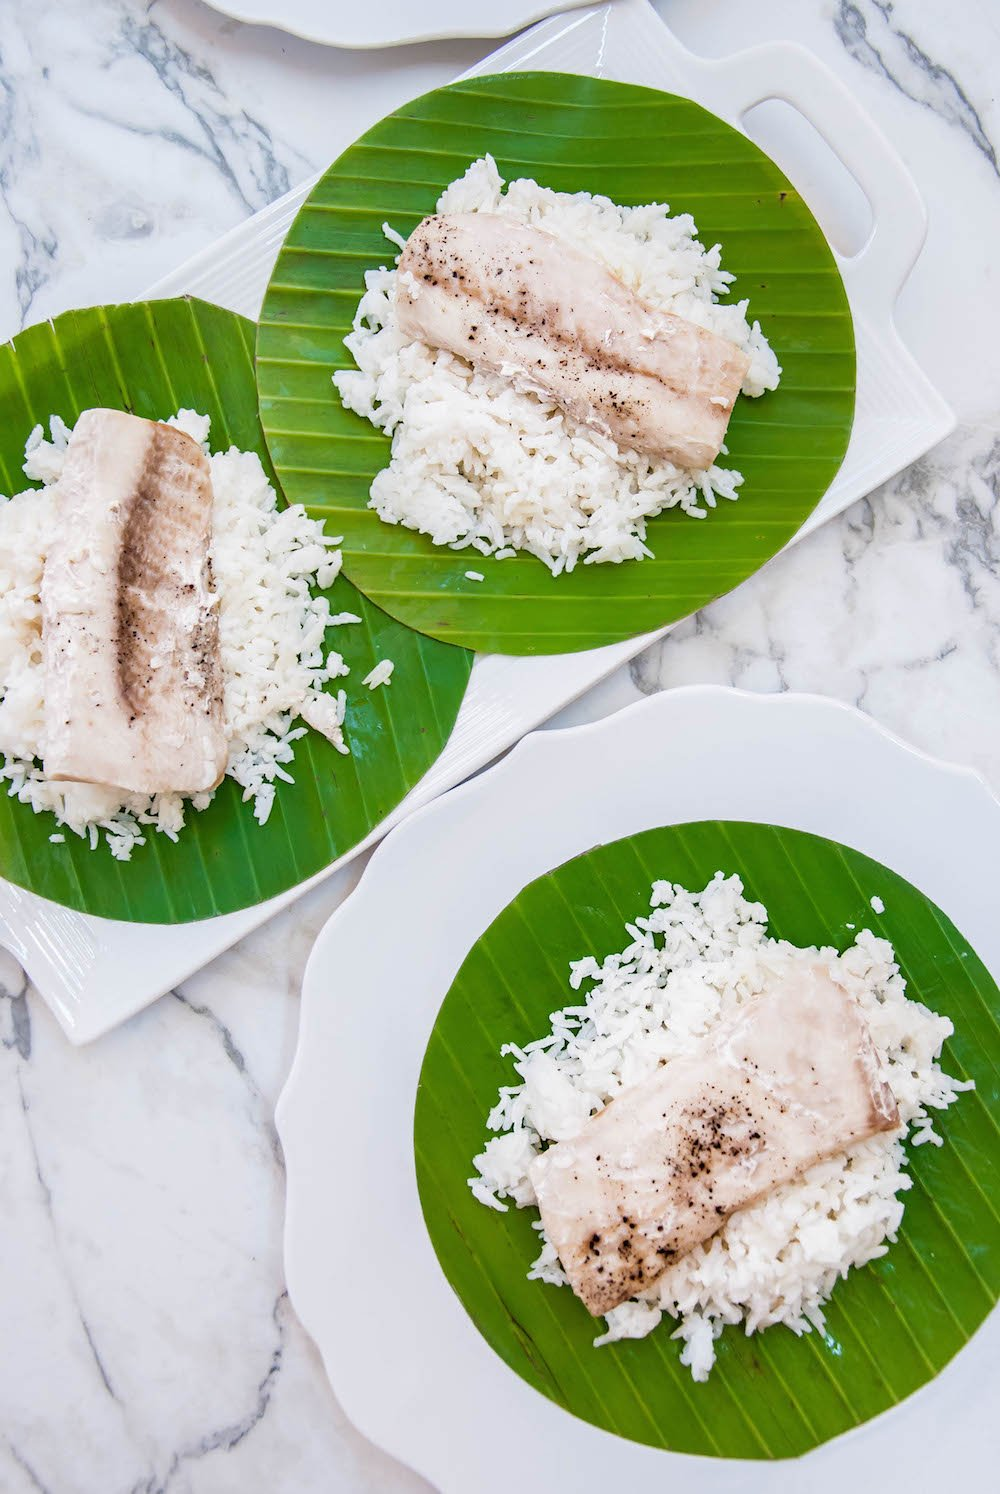 Mahi Mahi Baked in Banana Leaves with Island Slaw